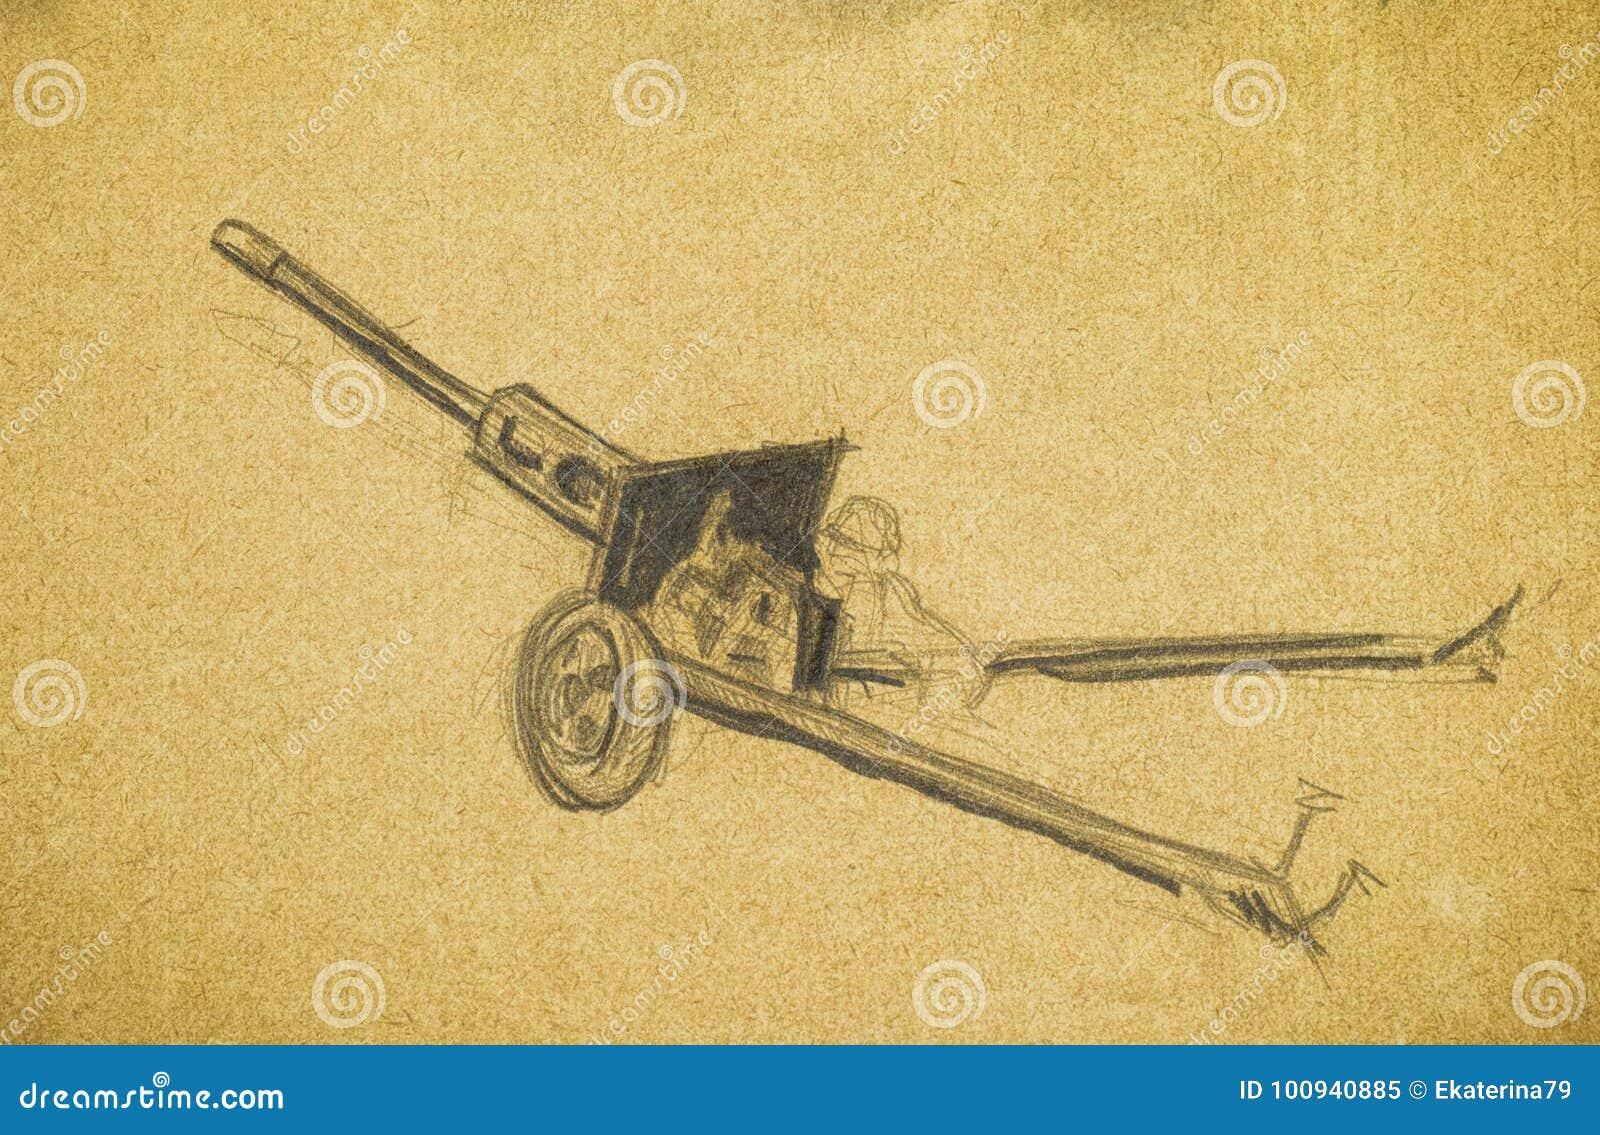 Arma Antitanques Dibujo De La Mano Del Lápiz Stock De Ilustración